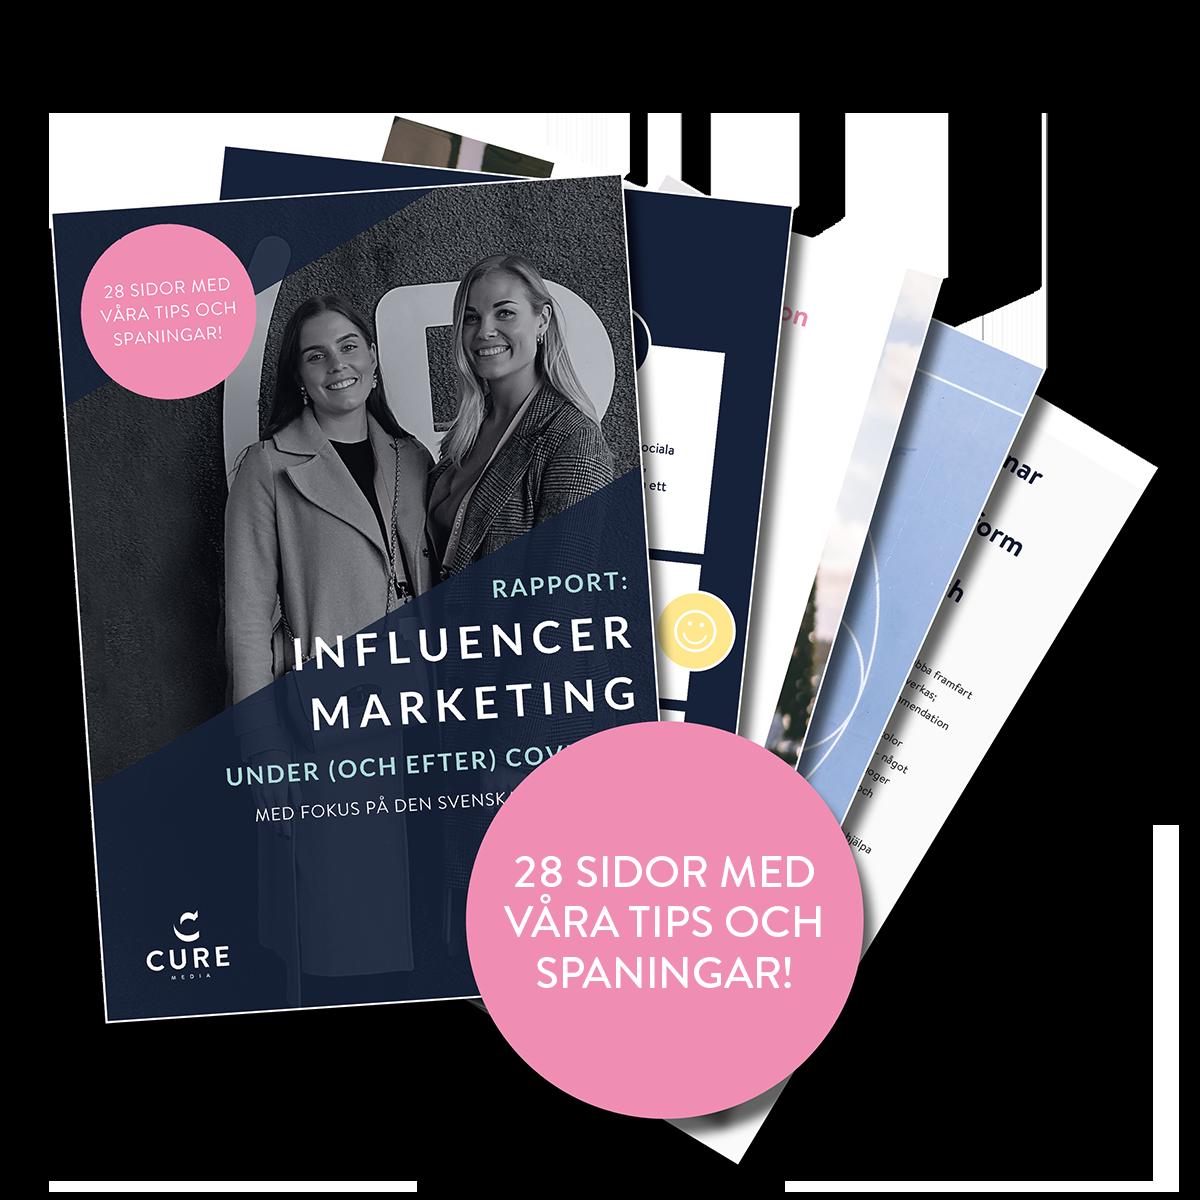 Rapport - Influencer Marketing Covid-19 - vad ska man tänka på?